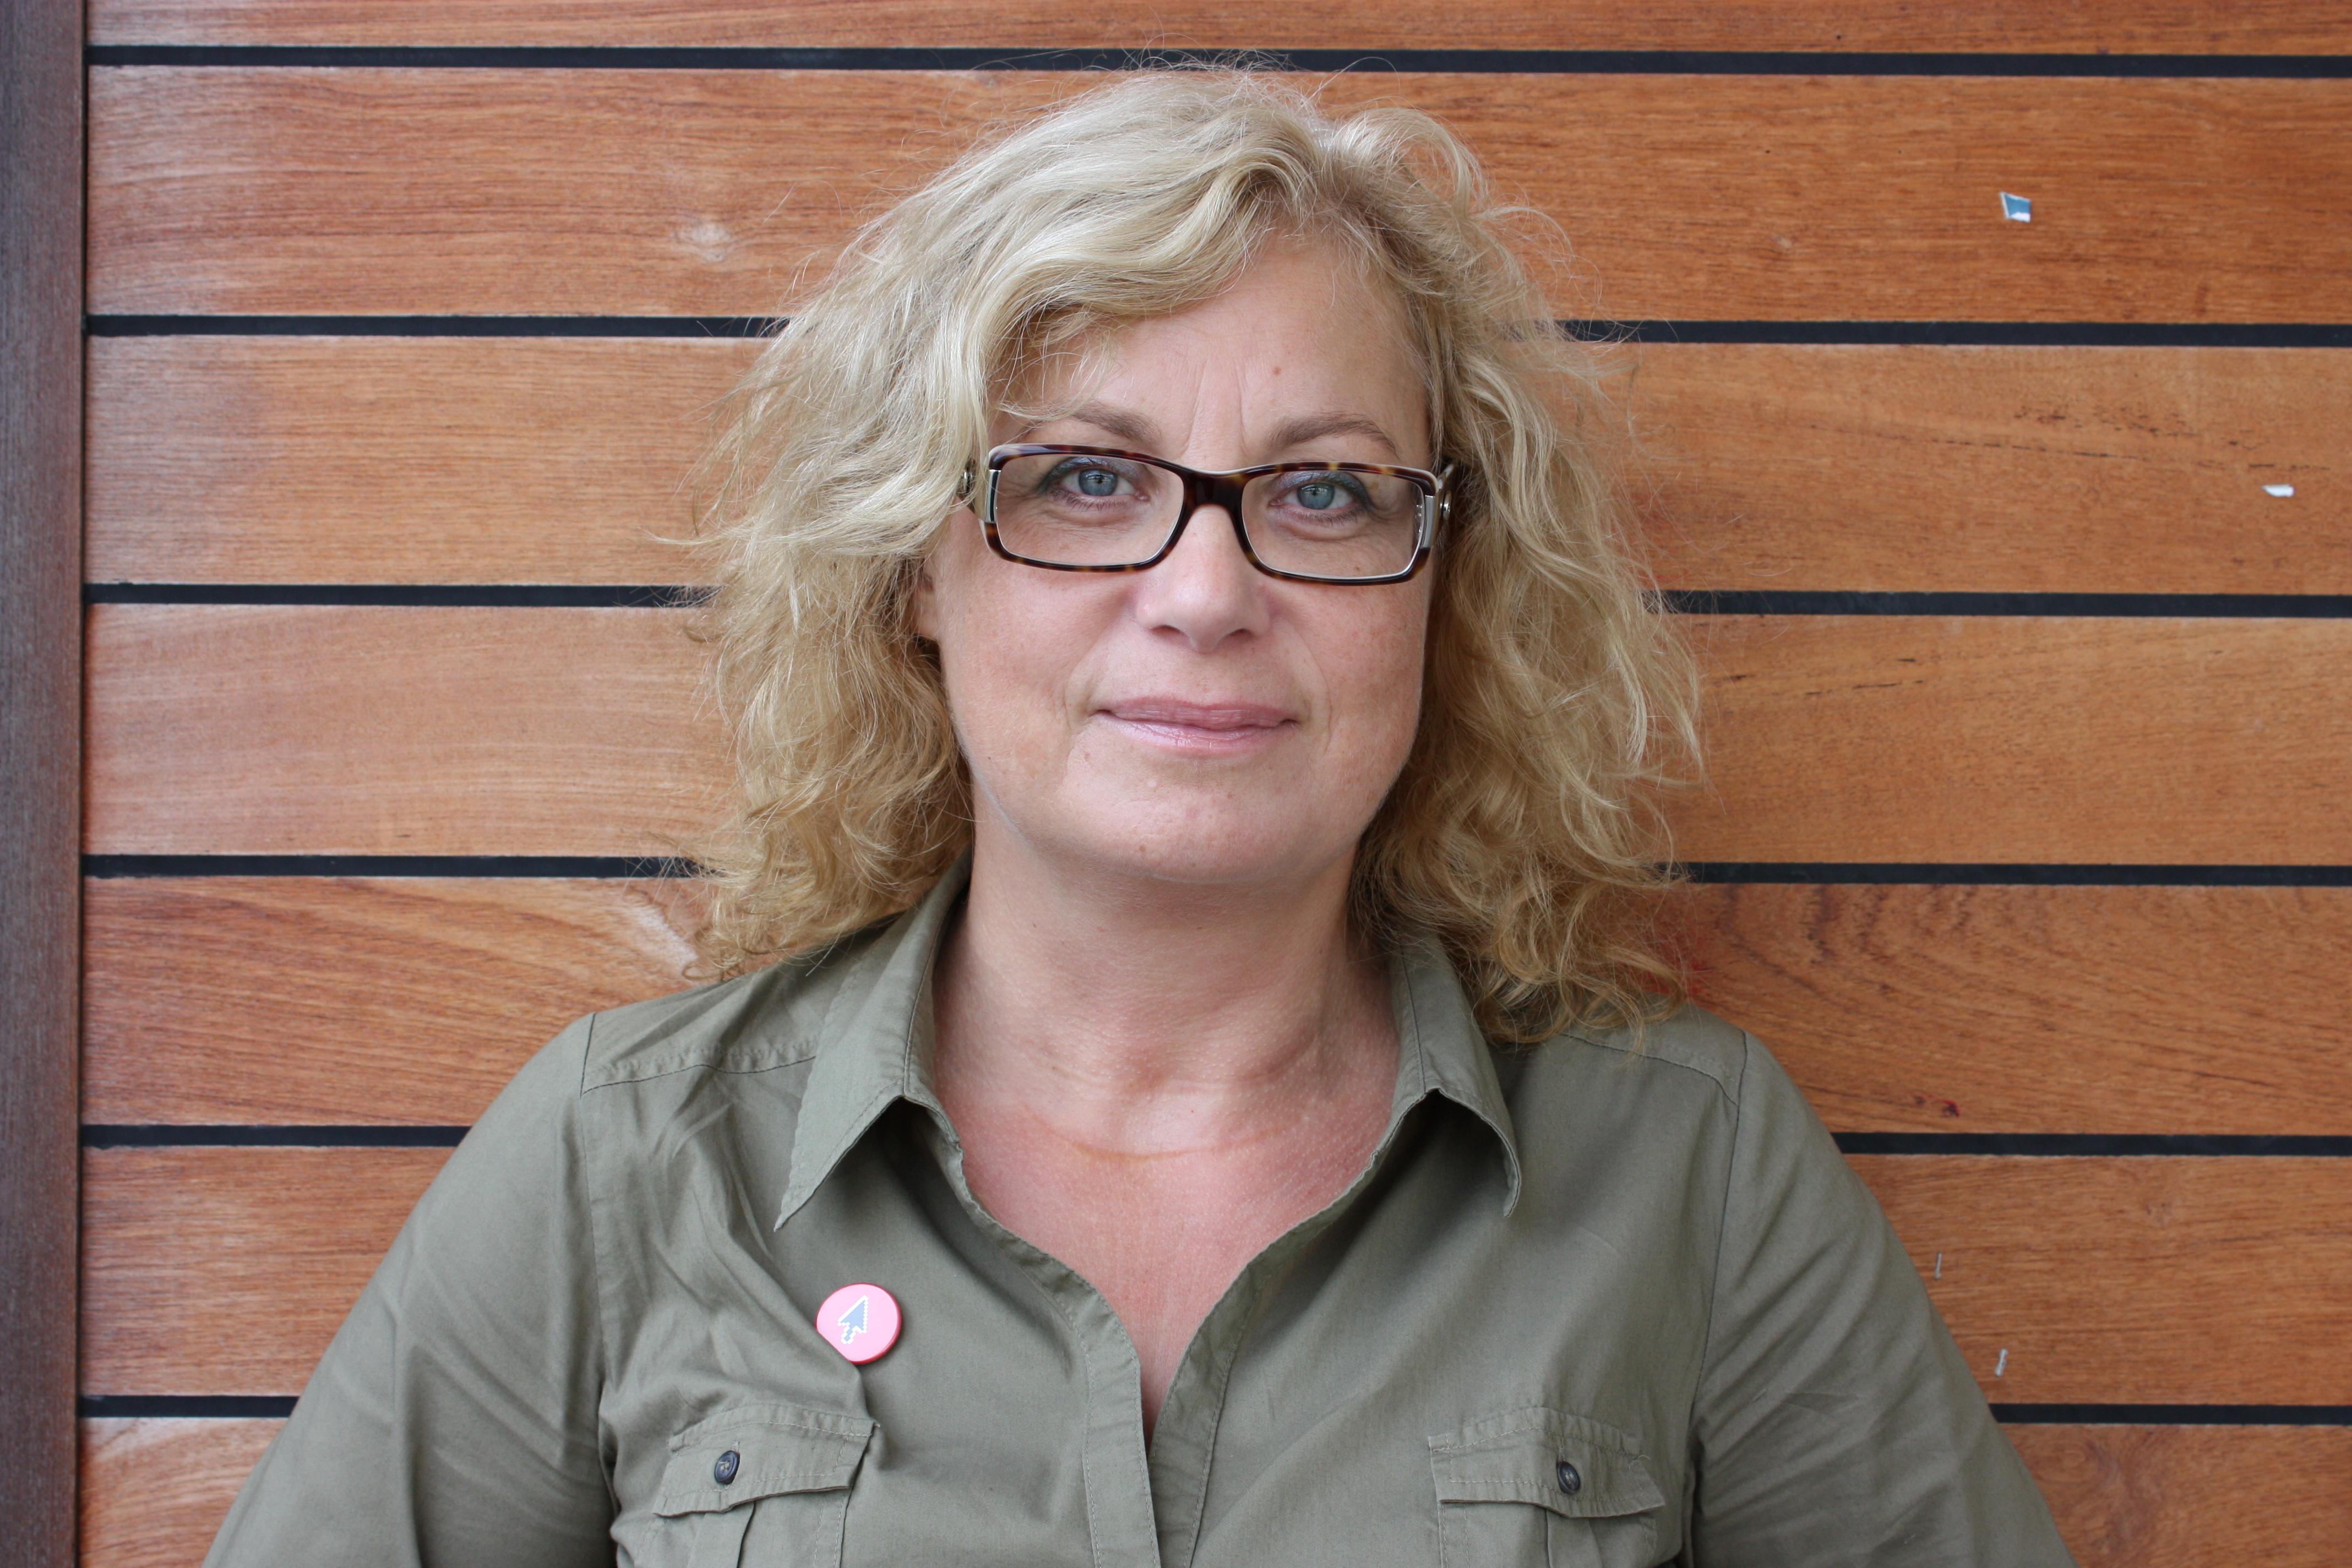 Elza Dunkels lektor tillämpad utbildningsvetenskap. Foto: Anette Olofsson.